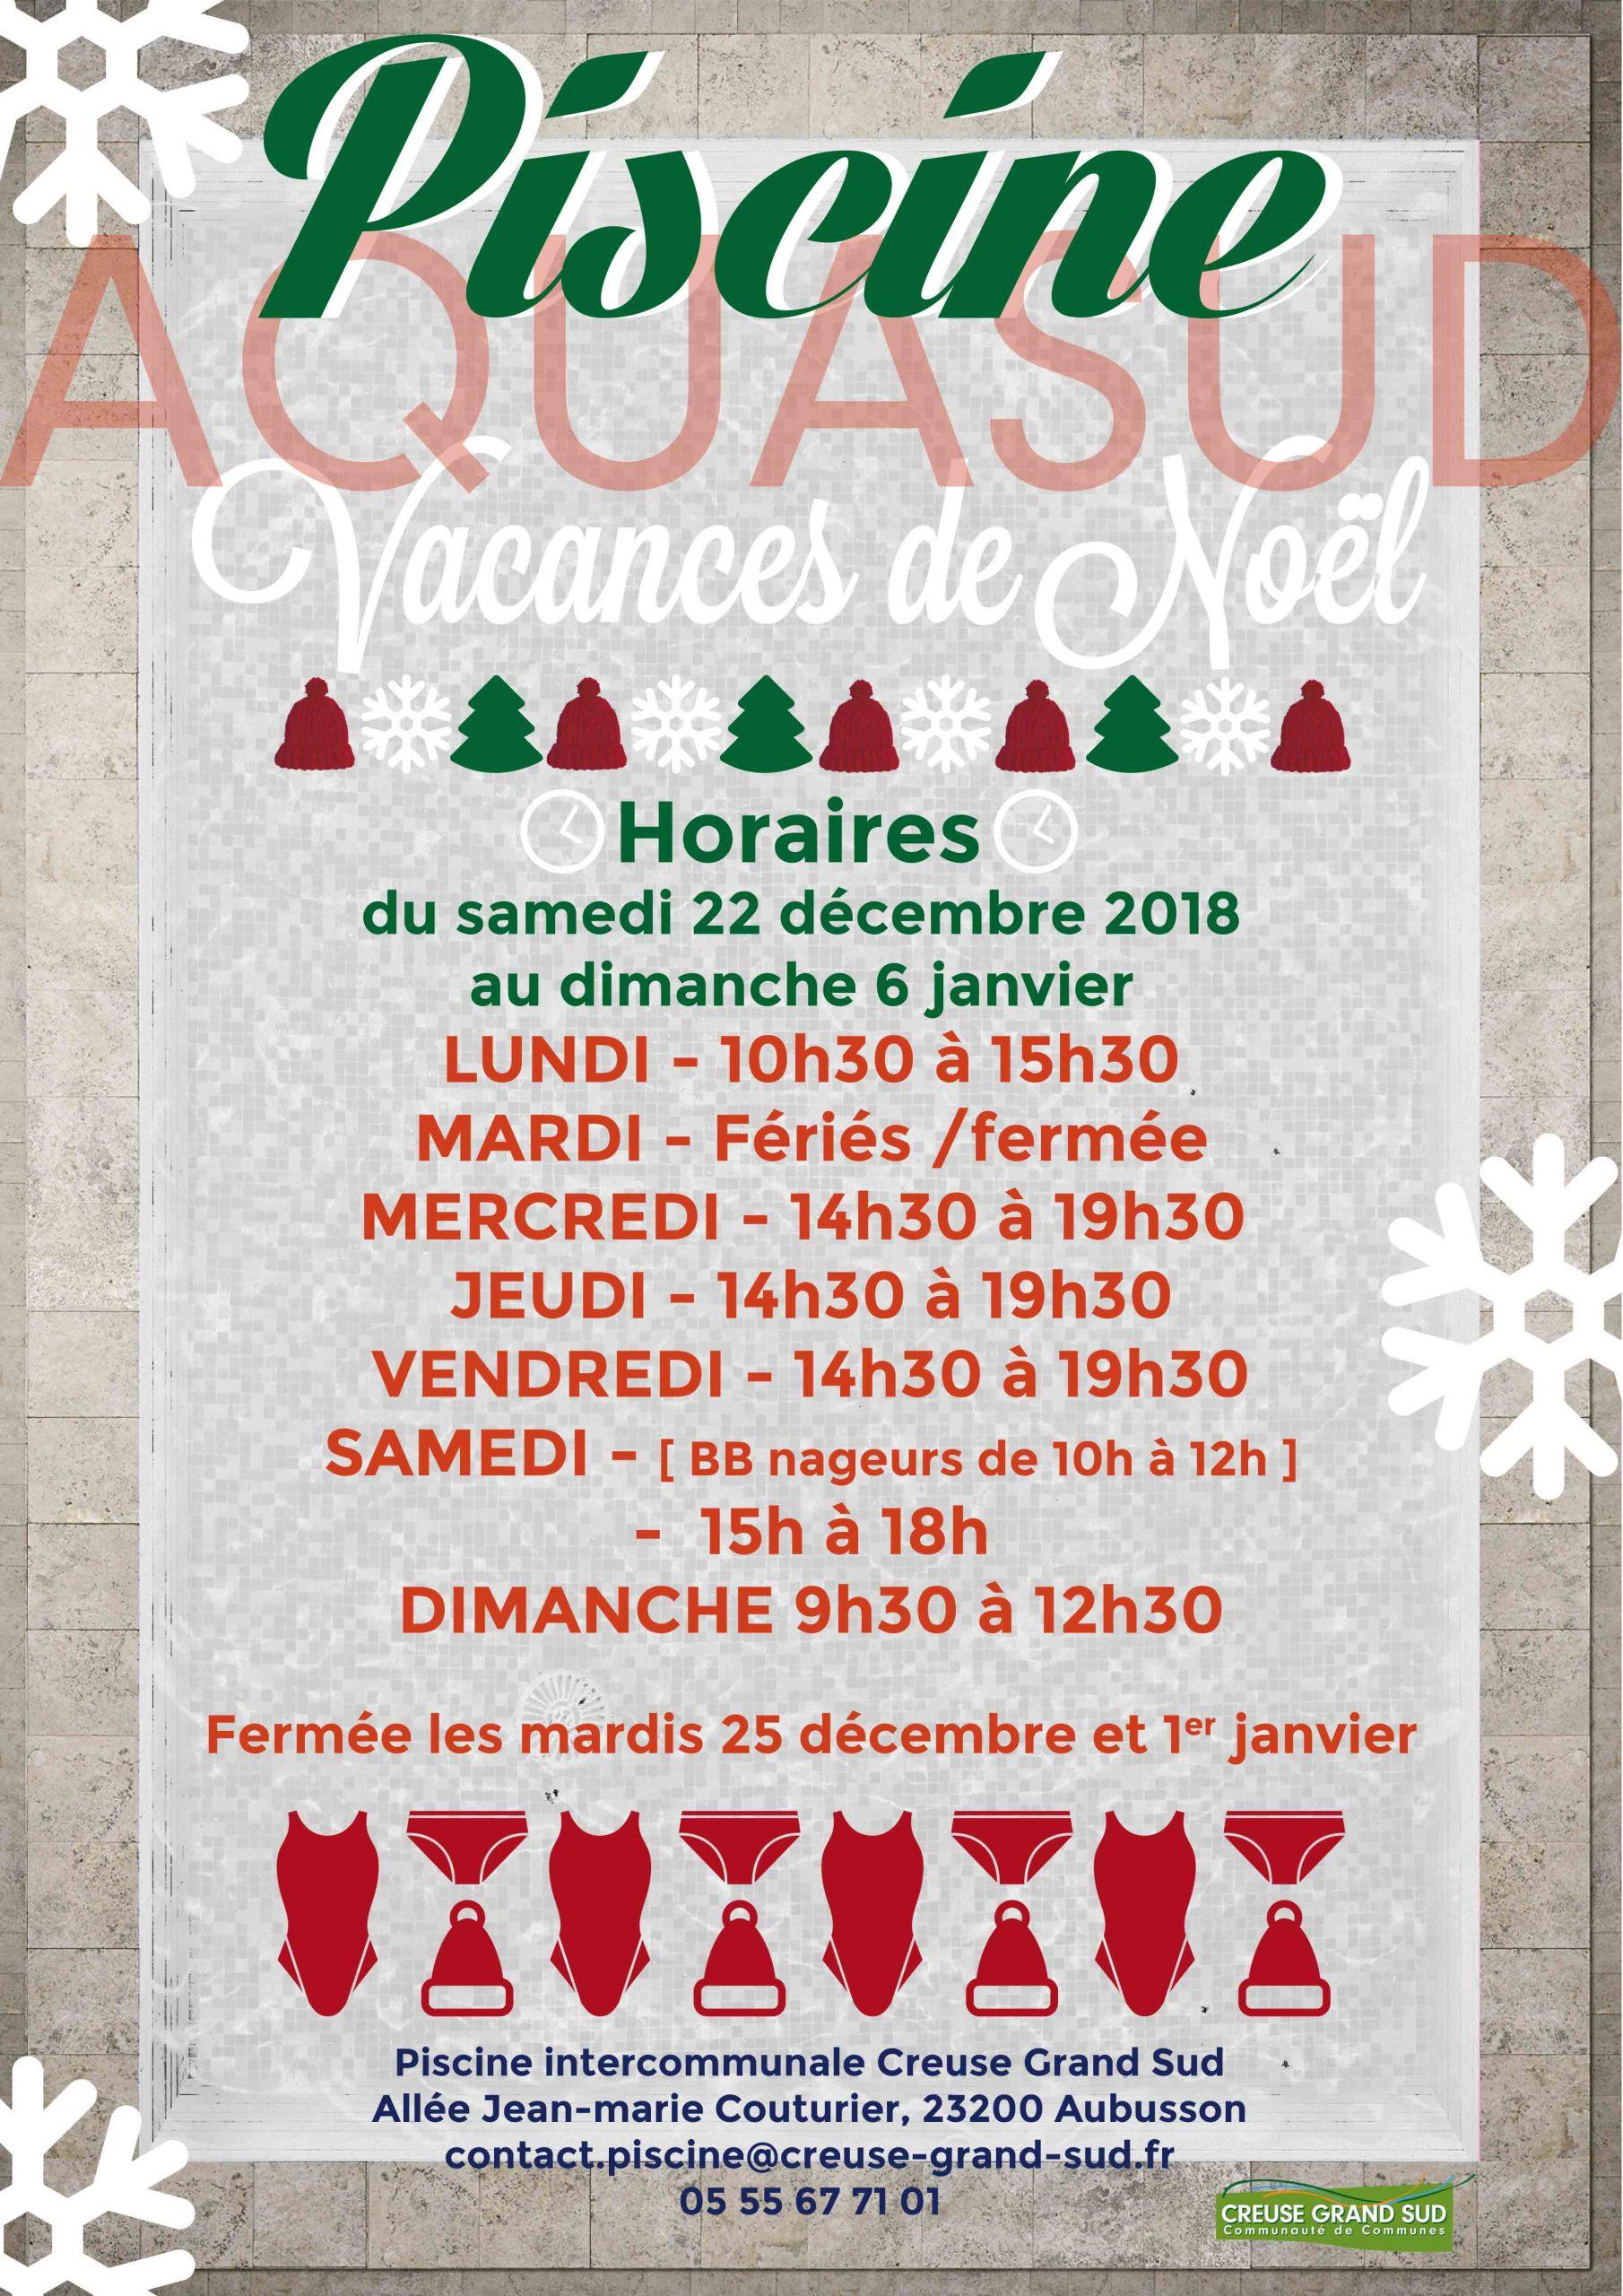 Aubusson.fr » Aquasud / Vacances De Noël concernant Piscine Aubusson